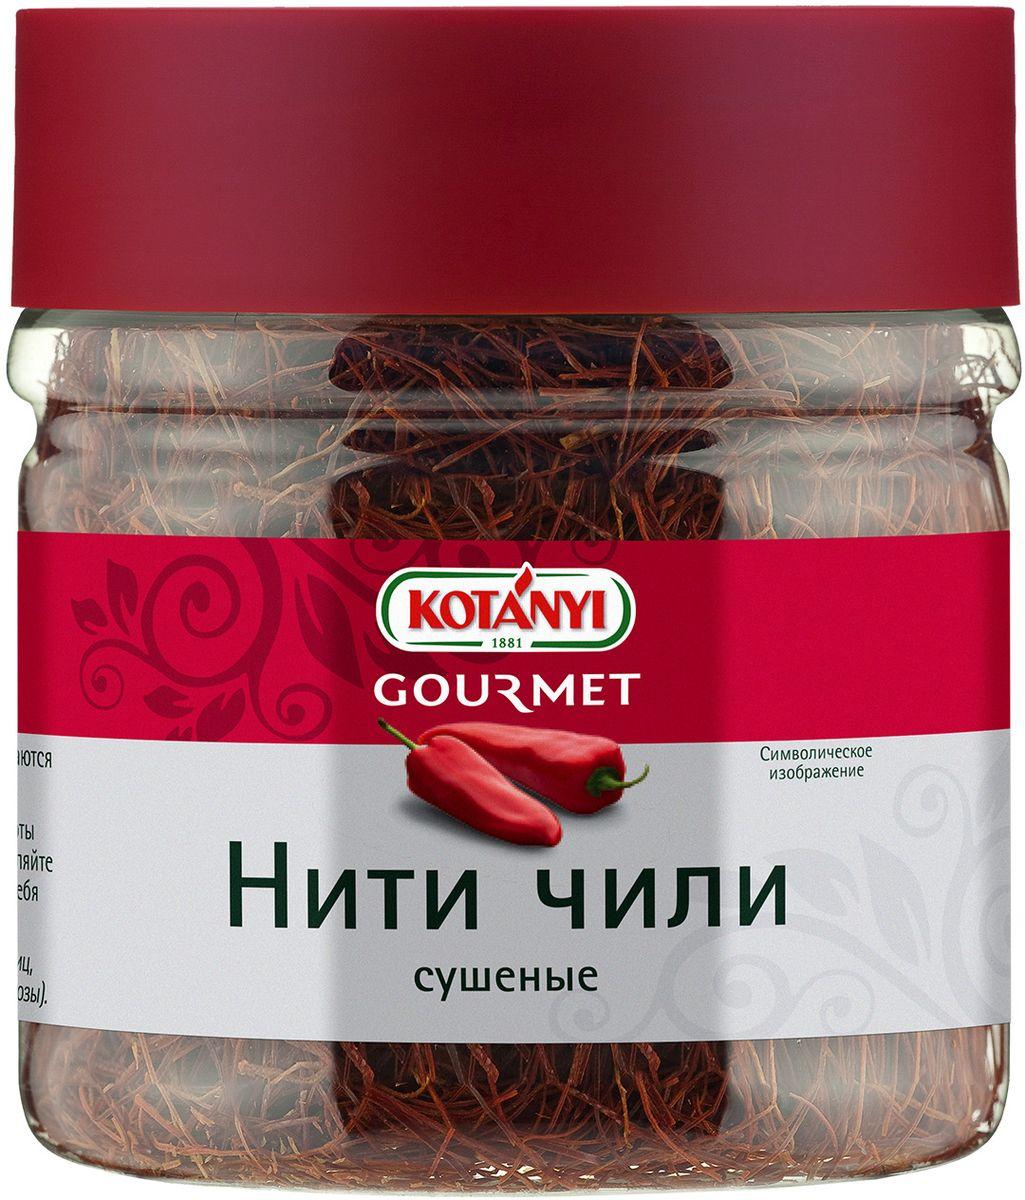 Kotanyi Нити чили сушеные, 45 г0120710Нити чили сушеные Kotanyi отличаются умеренно острым вкусом. Подходят для придания приятной легкой остроты всем блюдам, а также для украшения блюд. Добавляйте нити чили в начале готовки, чтобы они впитали в себя жидкость.